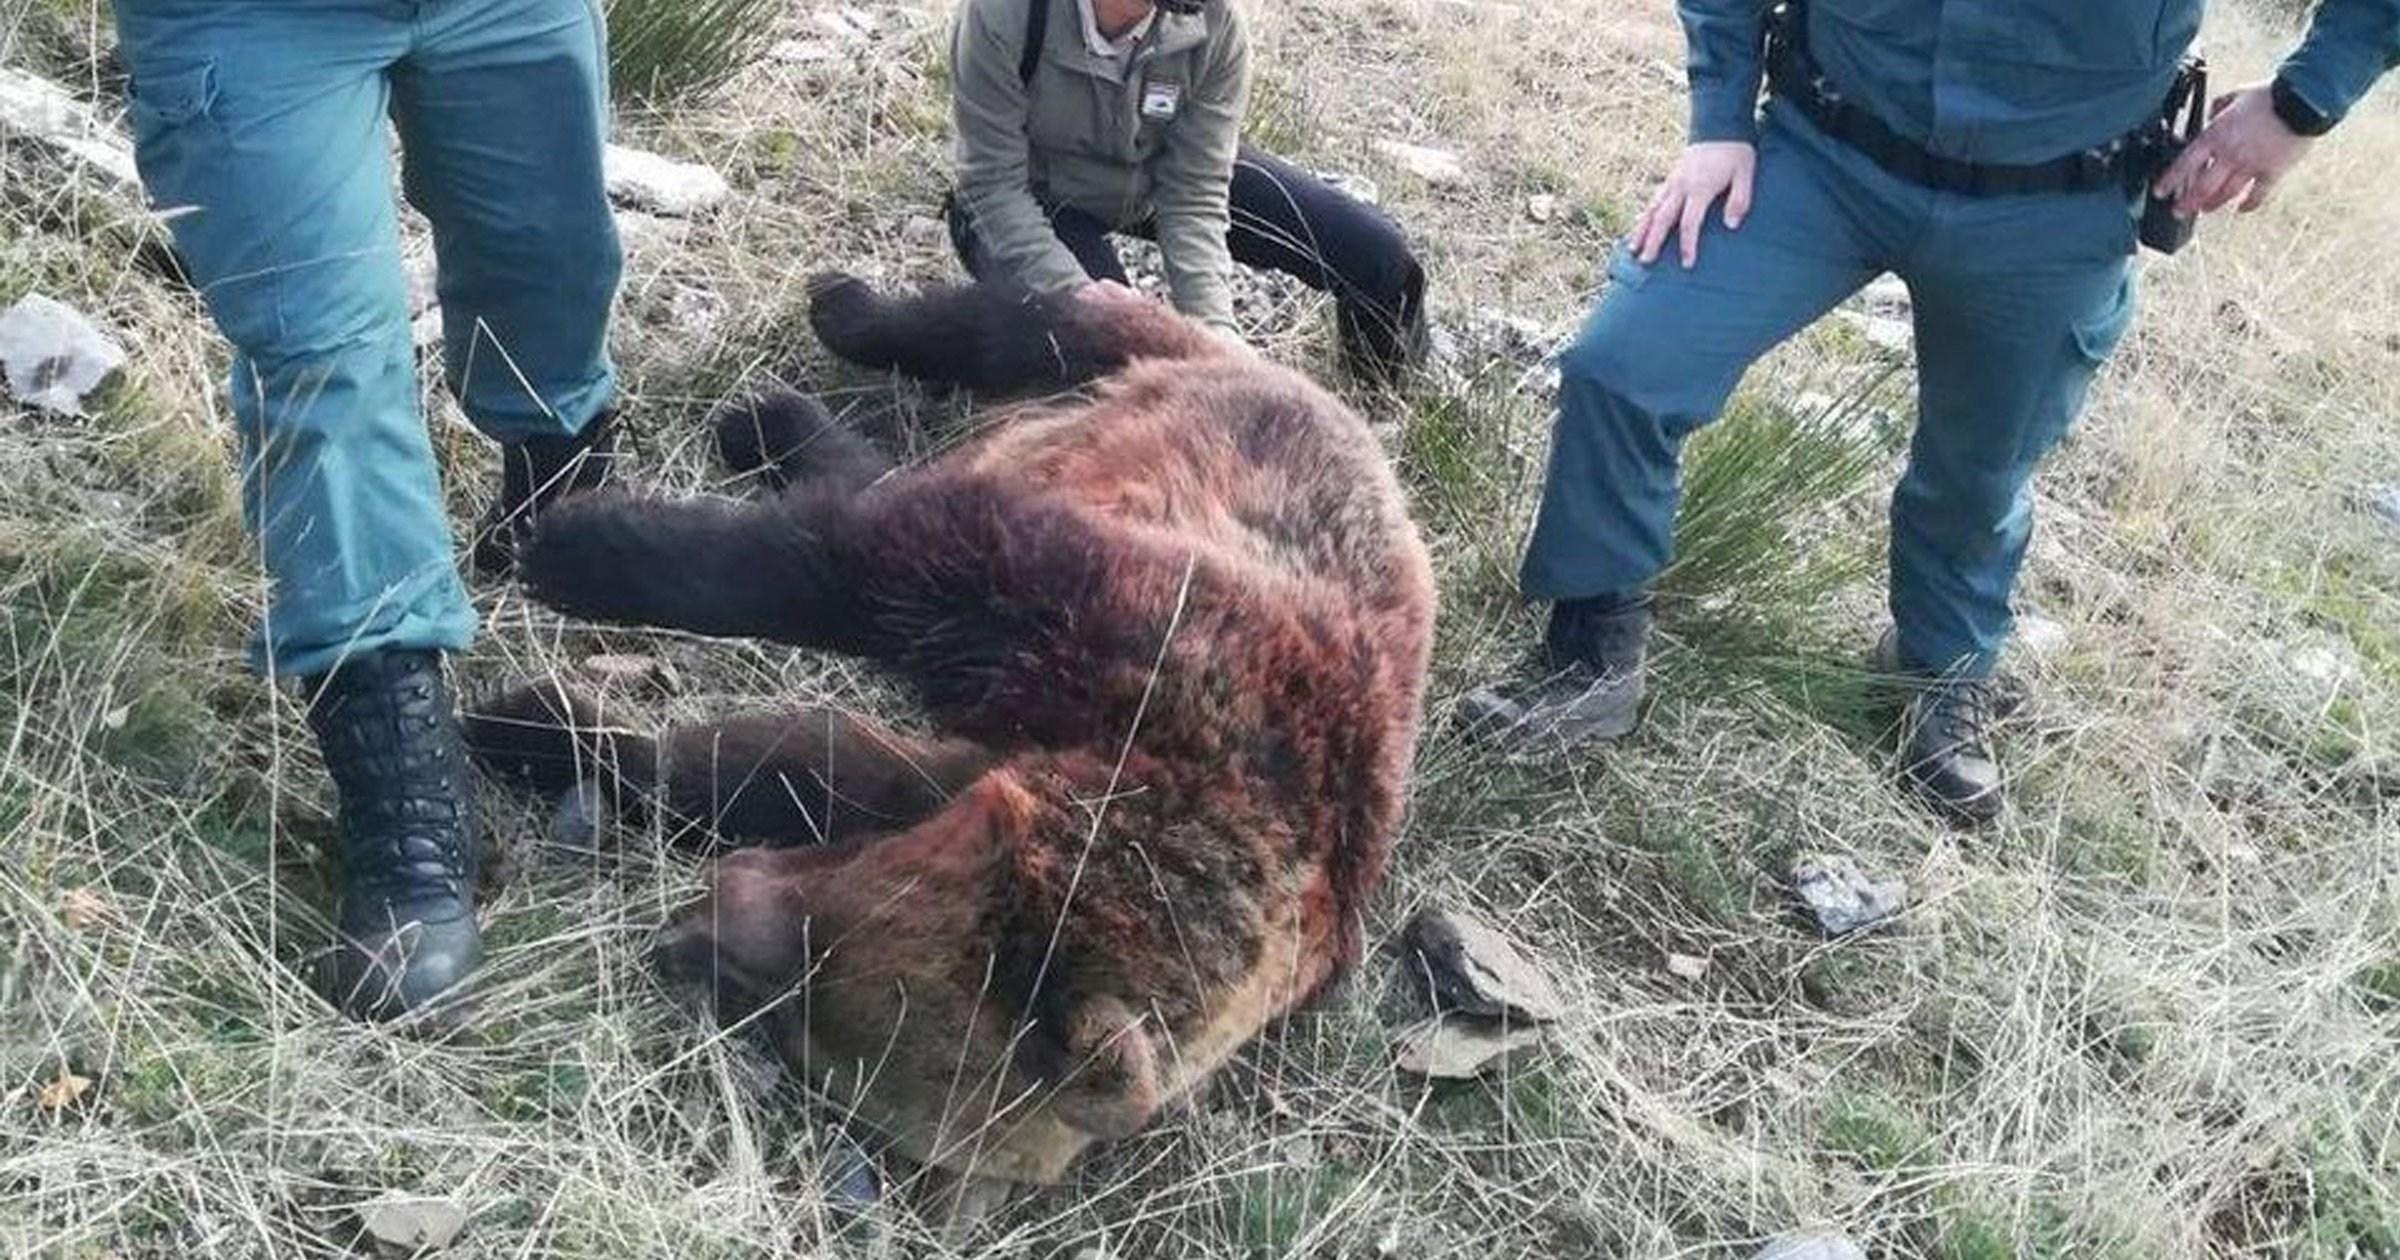 Heartbreak as brown bears are shot dead by hunters in Spain